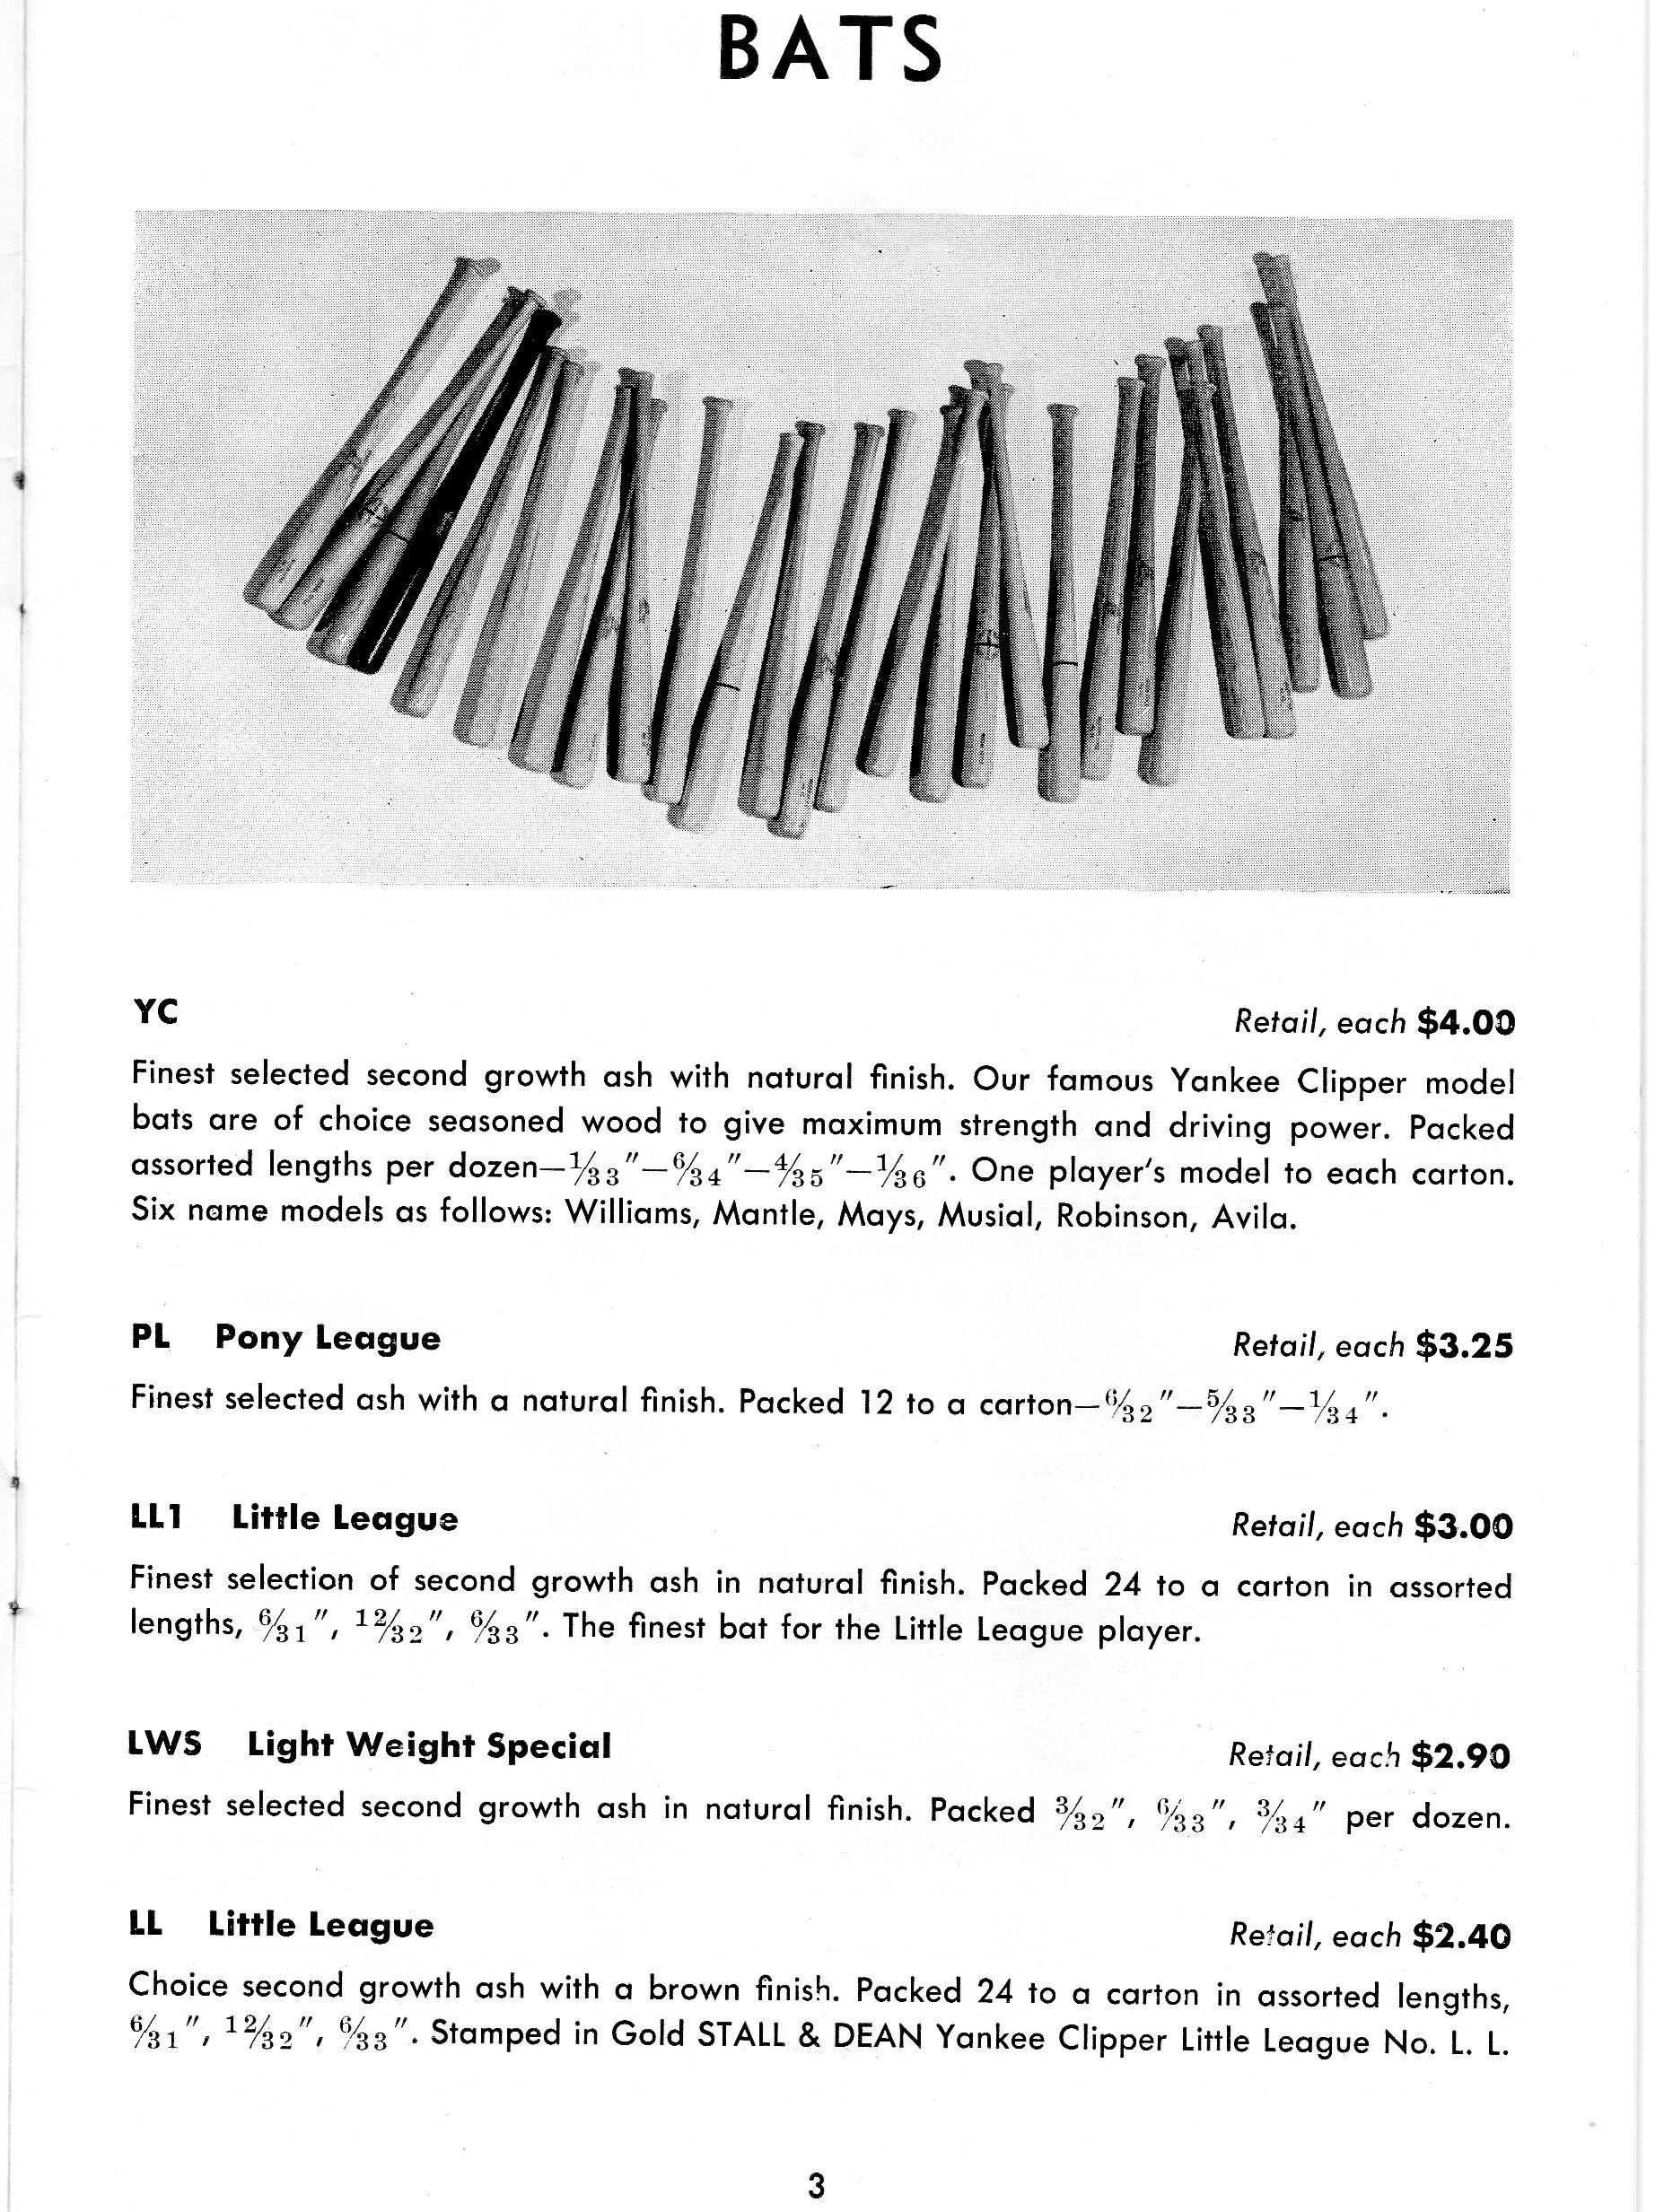 1957 stall@dean catalog